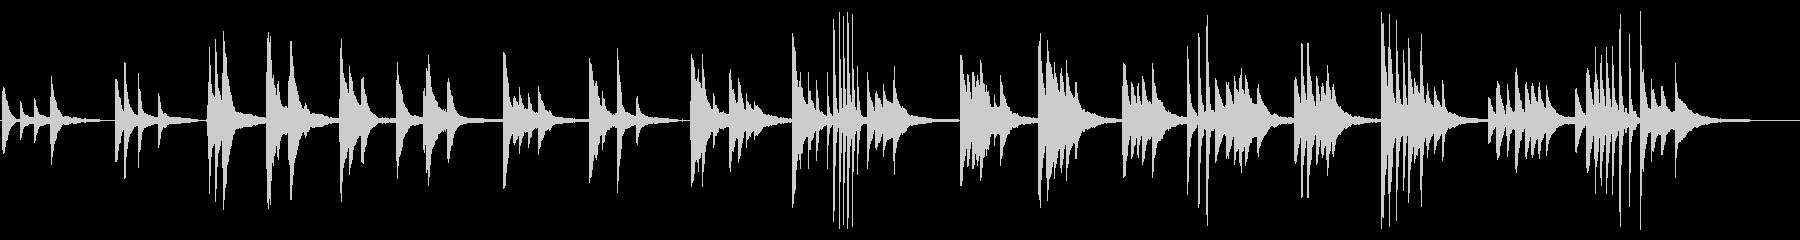 優しく穏やかなピアノのバラードの未再生の波形